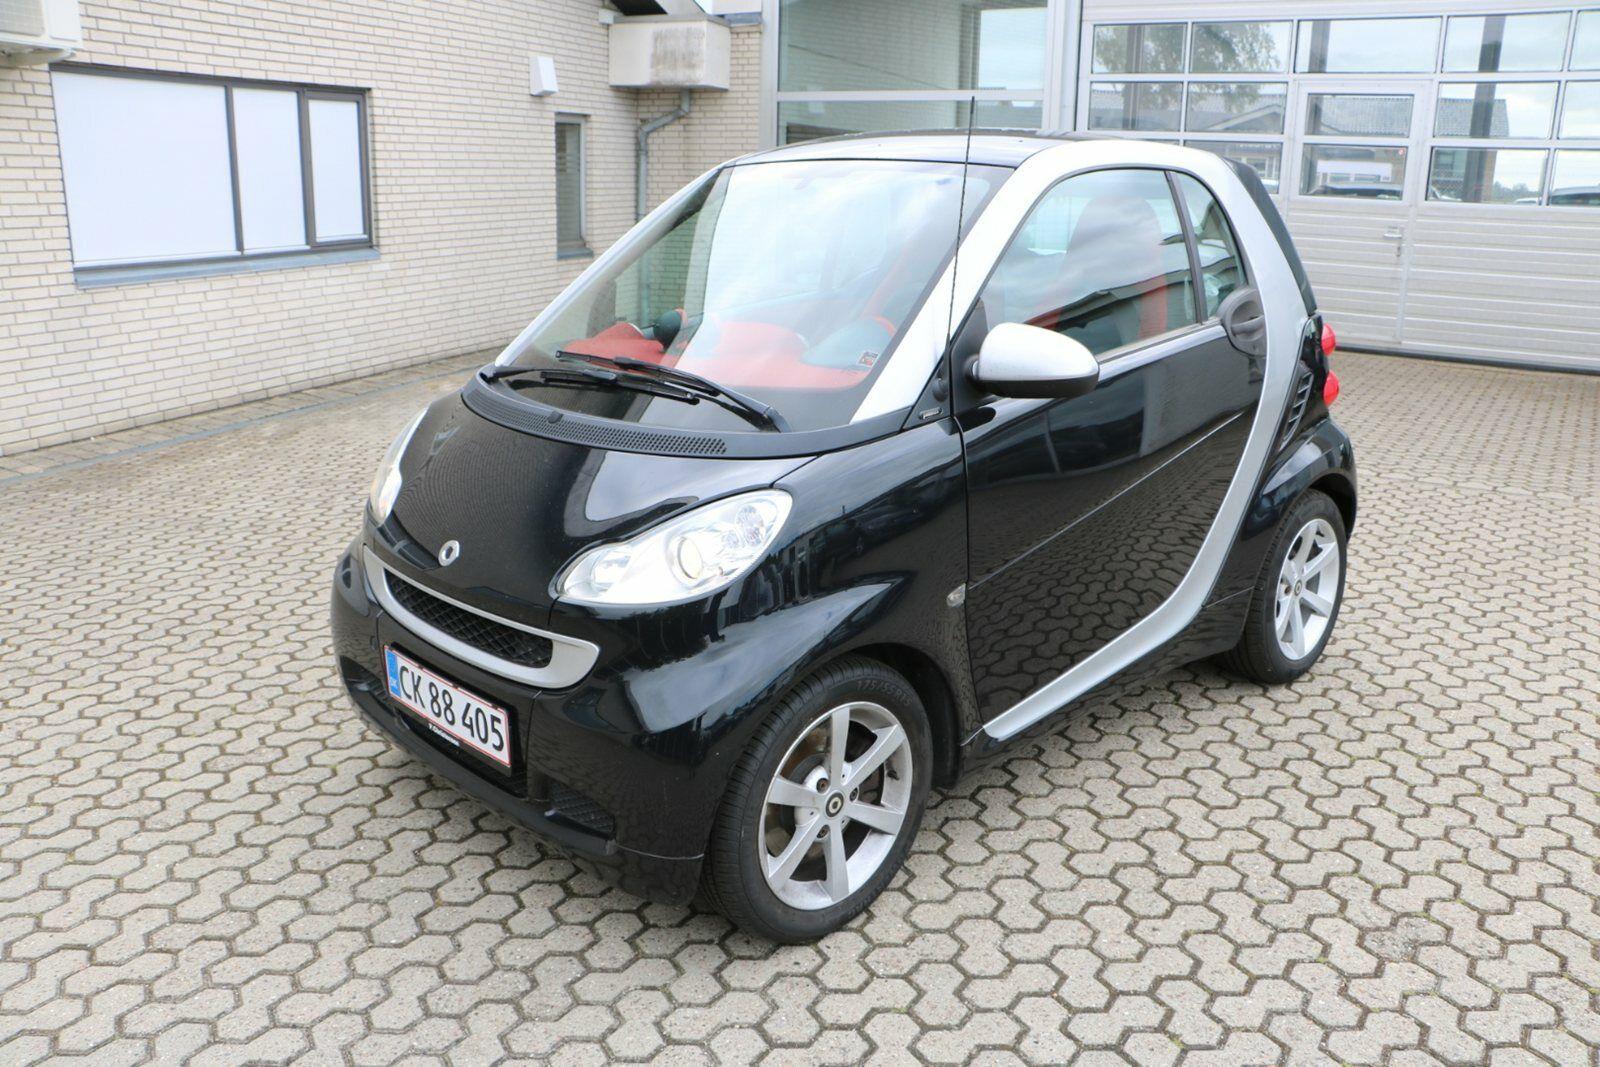 Smart Fortwo Coupé 0,8 CDi 54 Pure aut. 3d